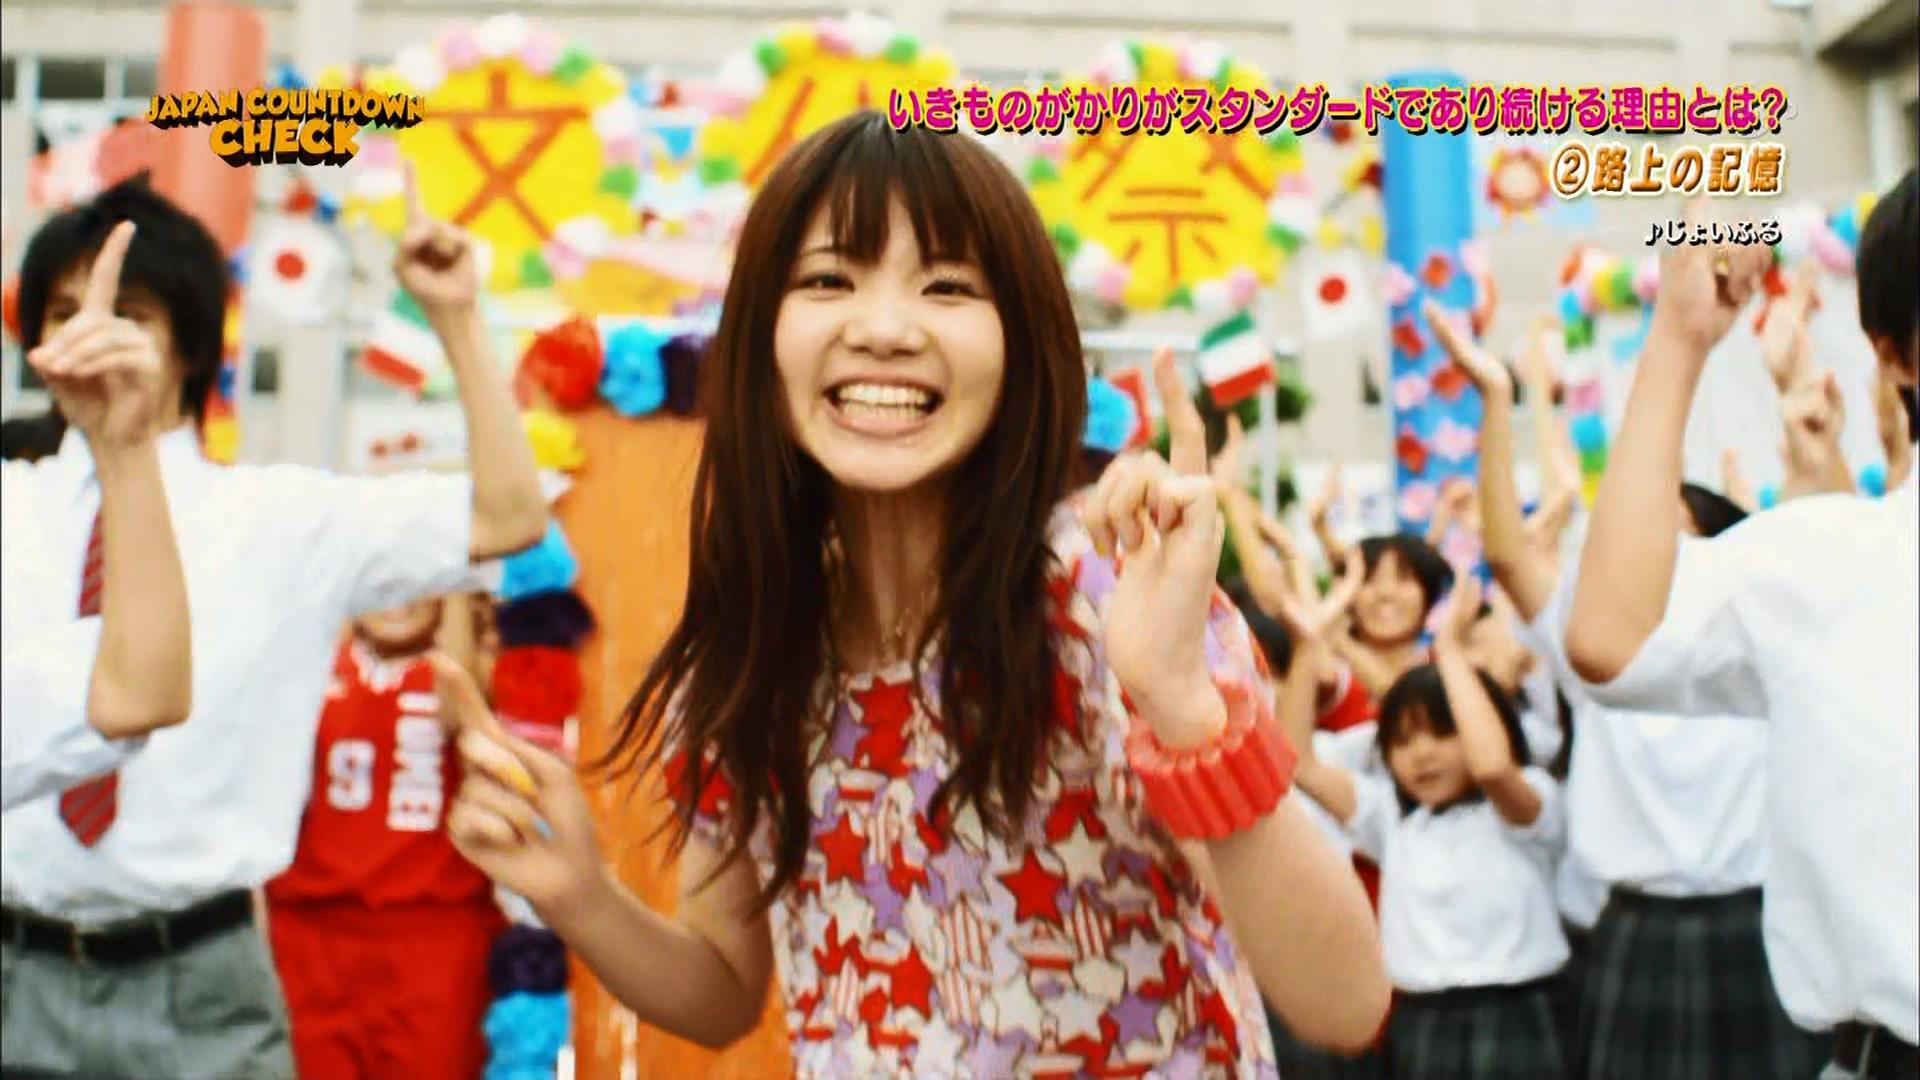 2016.03.20 いきものがかり - 10年たっても私たちはいきものがかりが大好き!日本のスタンダードであり続ける理由(JAPAN COUNTDOWN).ts_20160320_104021.791